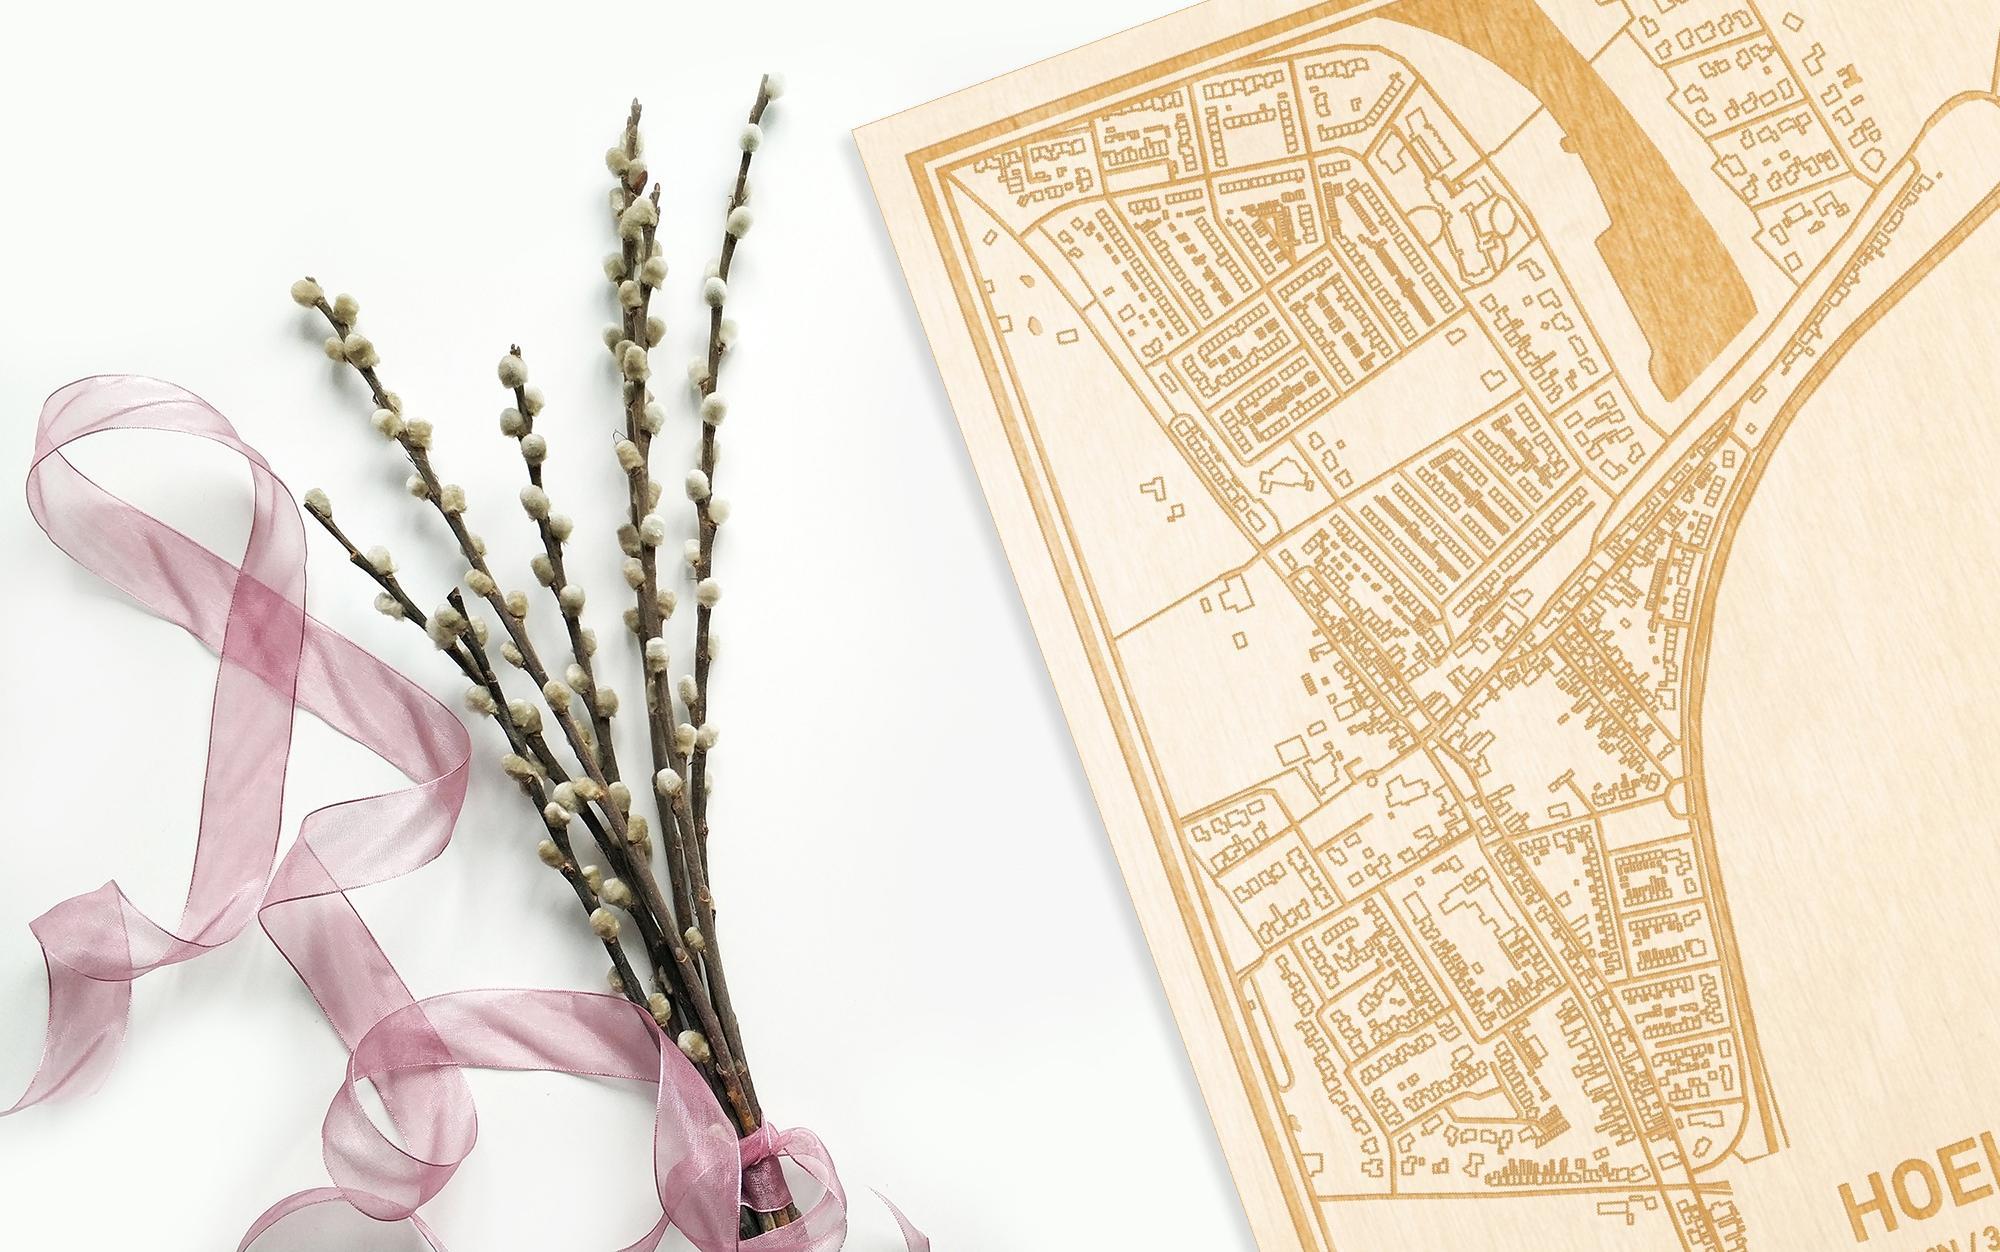 Hier ligt de houten plattegrond Hoek naast een bloemetje als gepersonaliseerd cadeau voor haar.